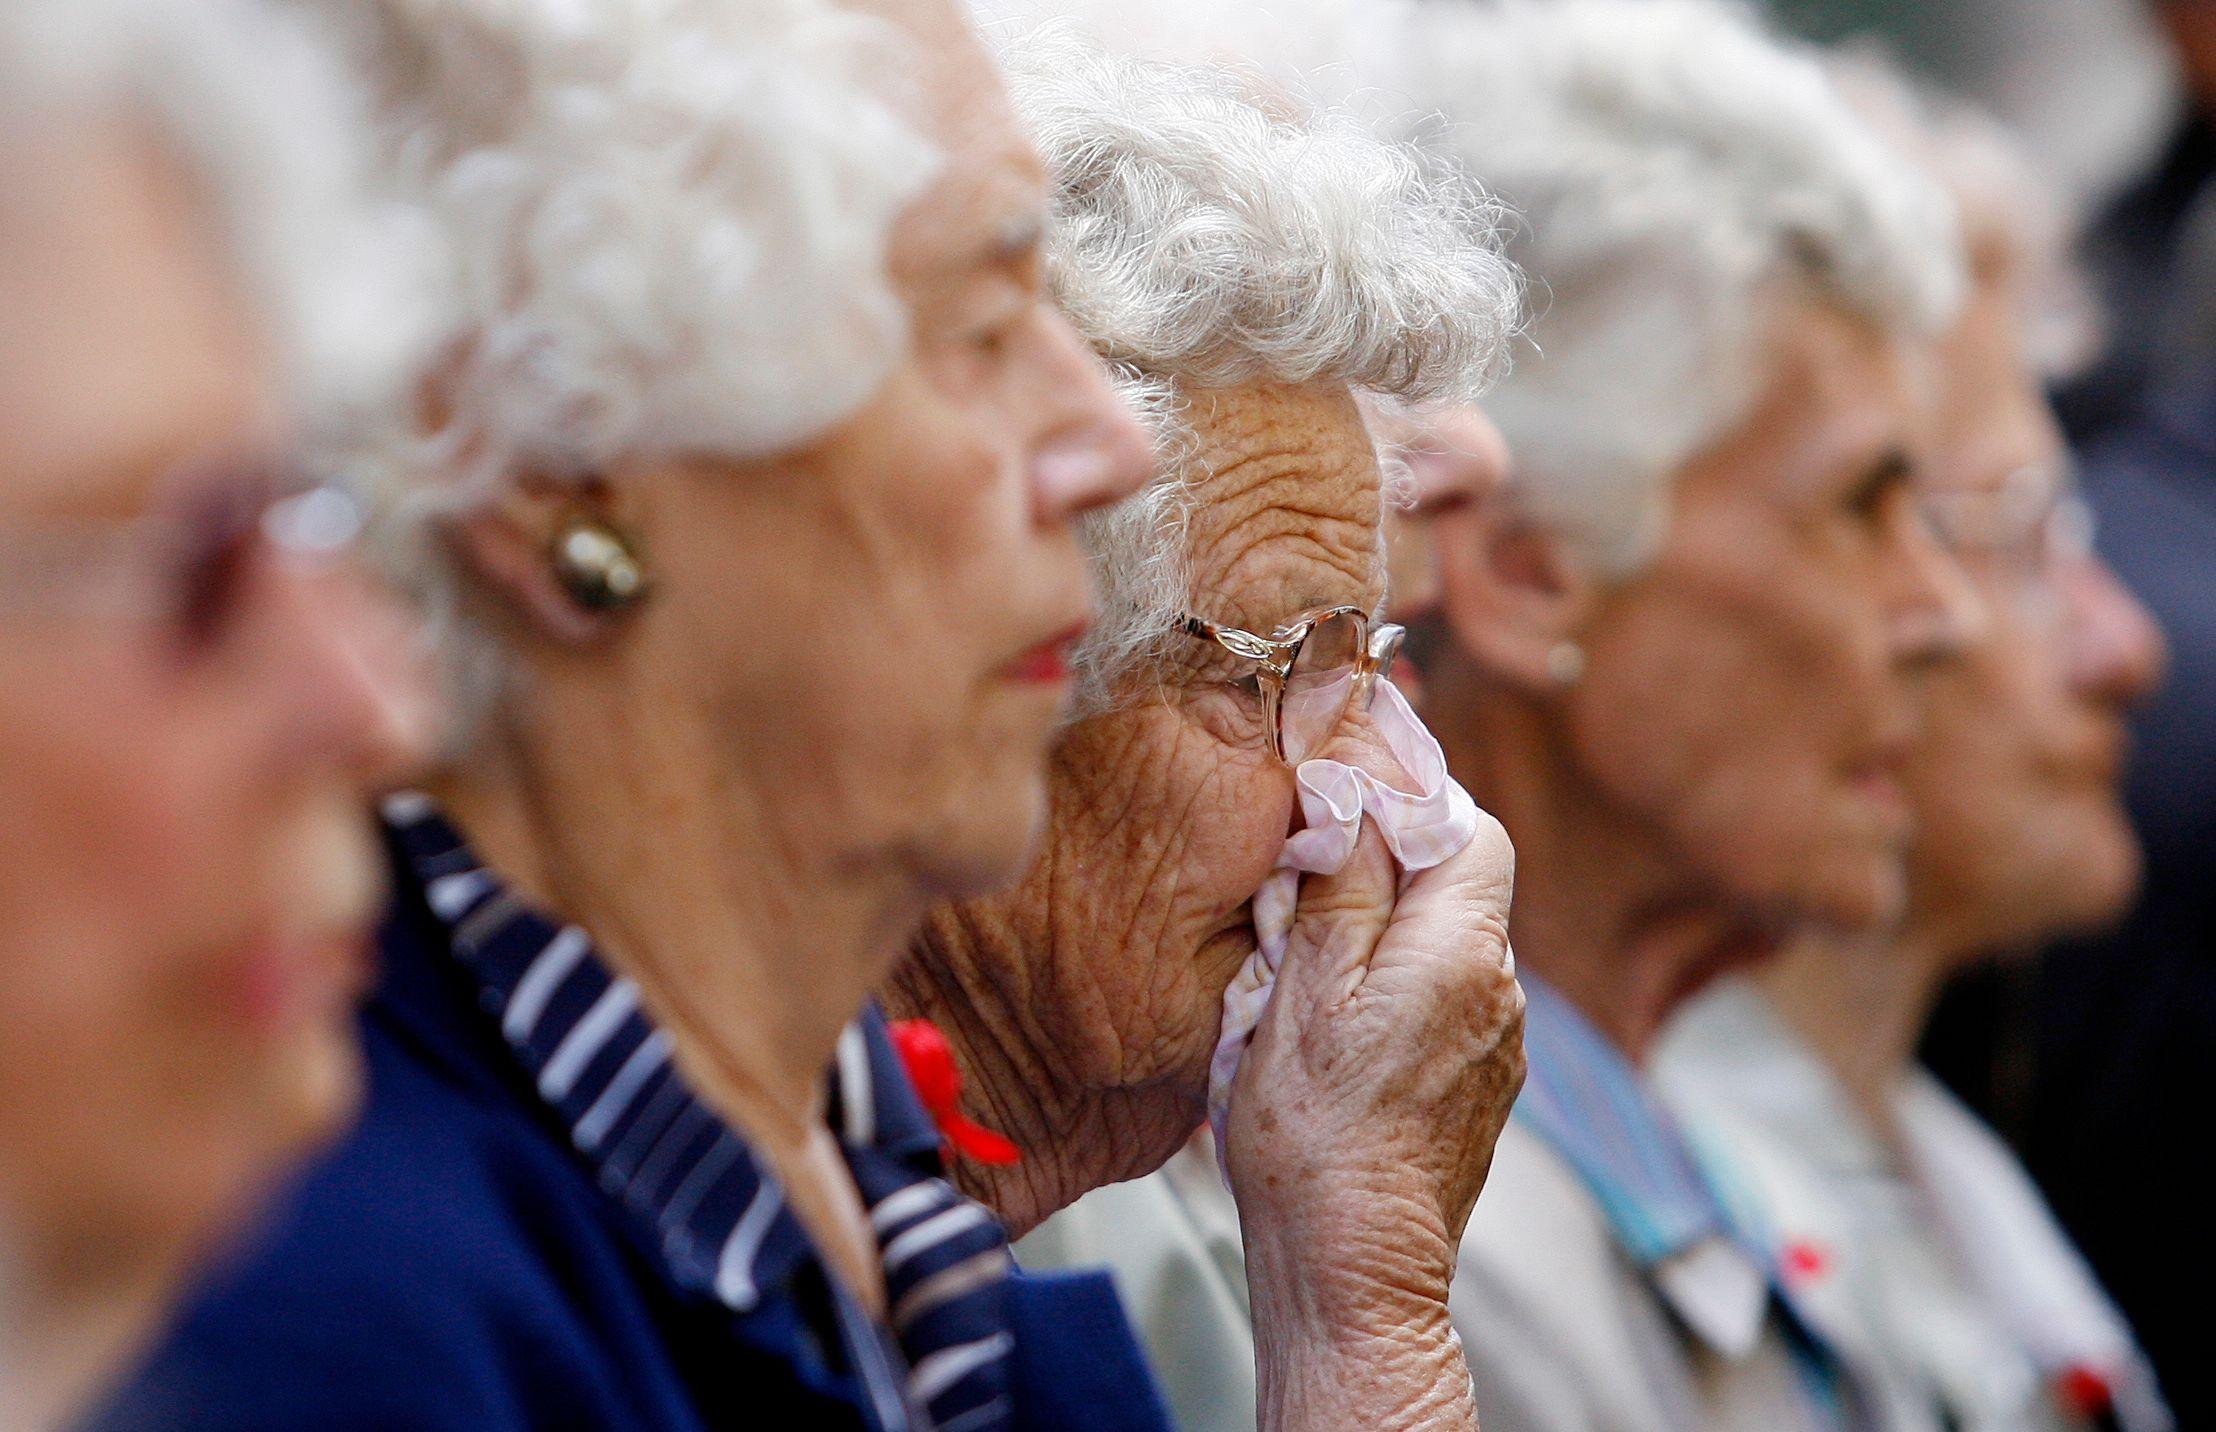 Demain tous vieux, pauvres et malades? Comment éviter le crash sanitaire et social qui menace